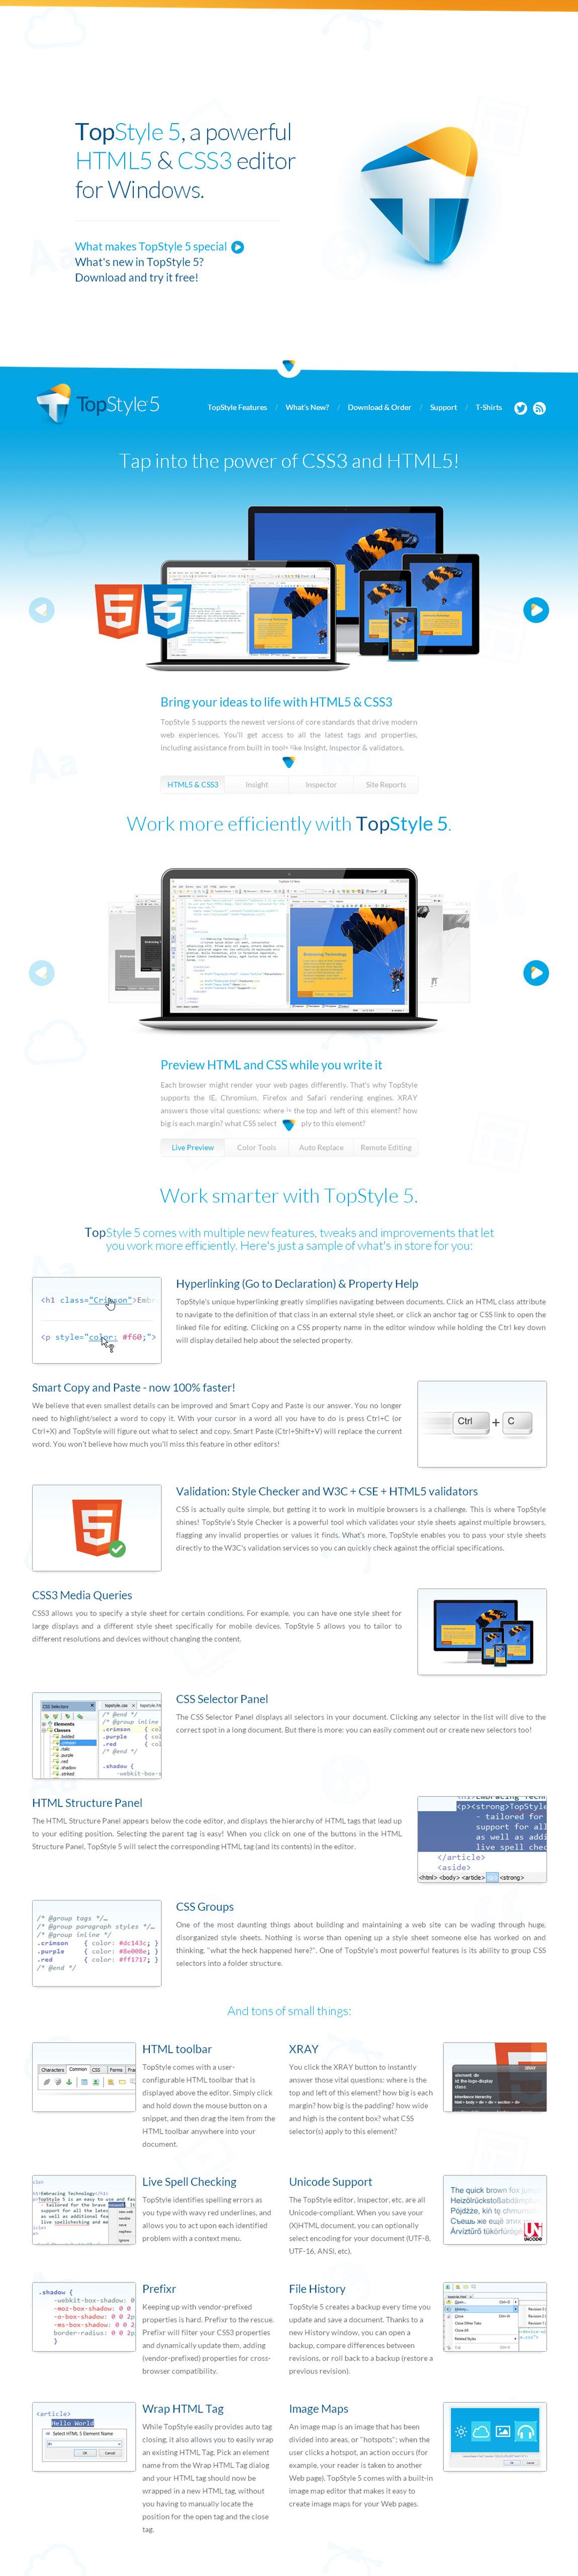 TopStyle 5 – HTML5 & CSS3 Editor Website Screenshot